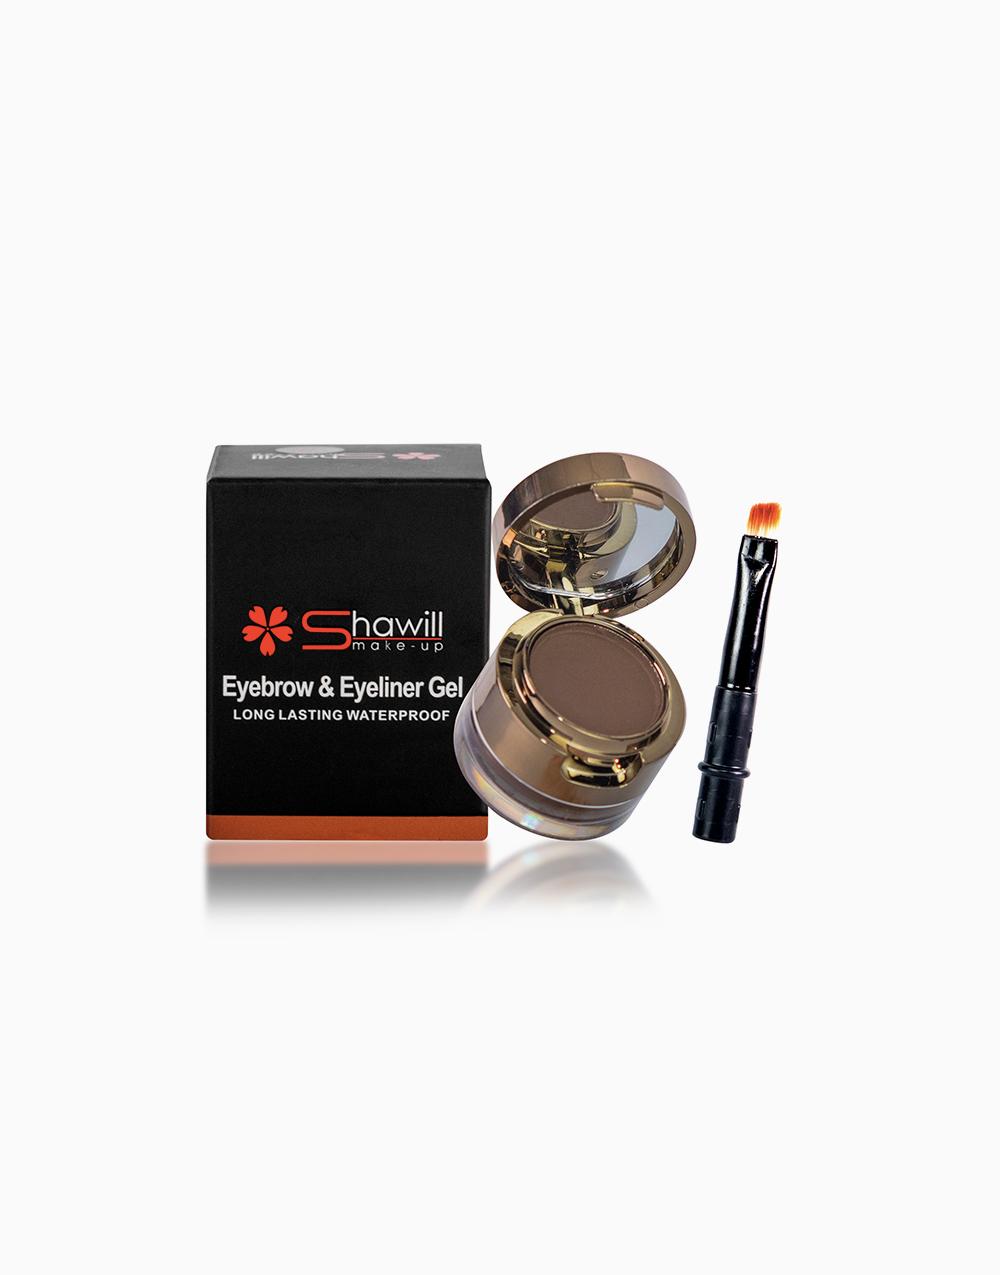 Eyebrow & Eyeliner Gel by Shawill Cosmetics |